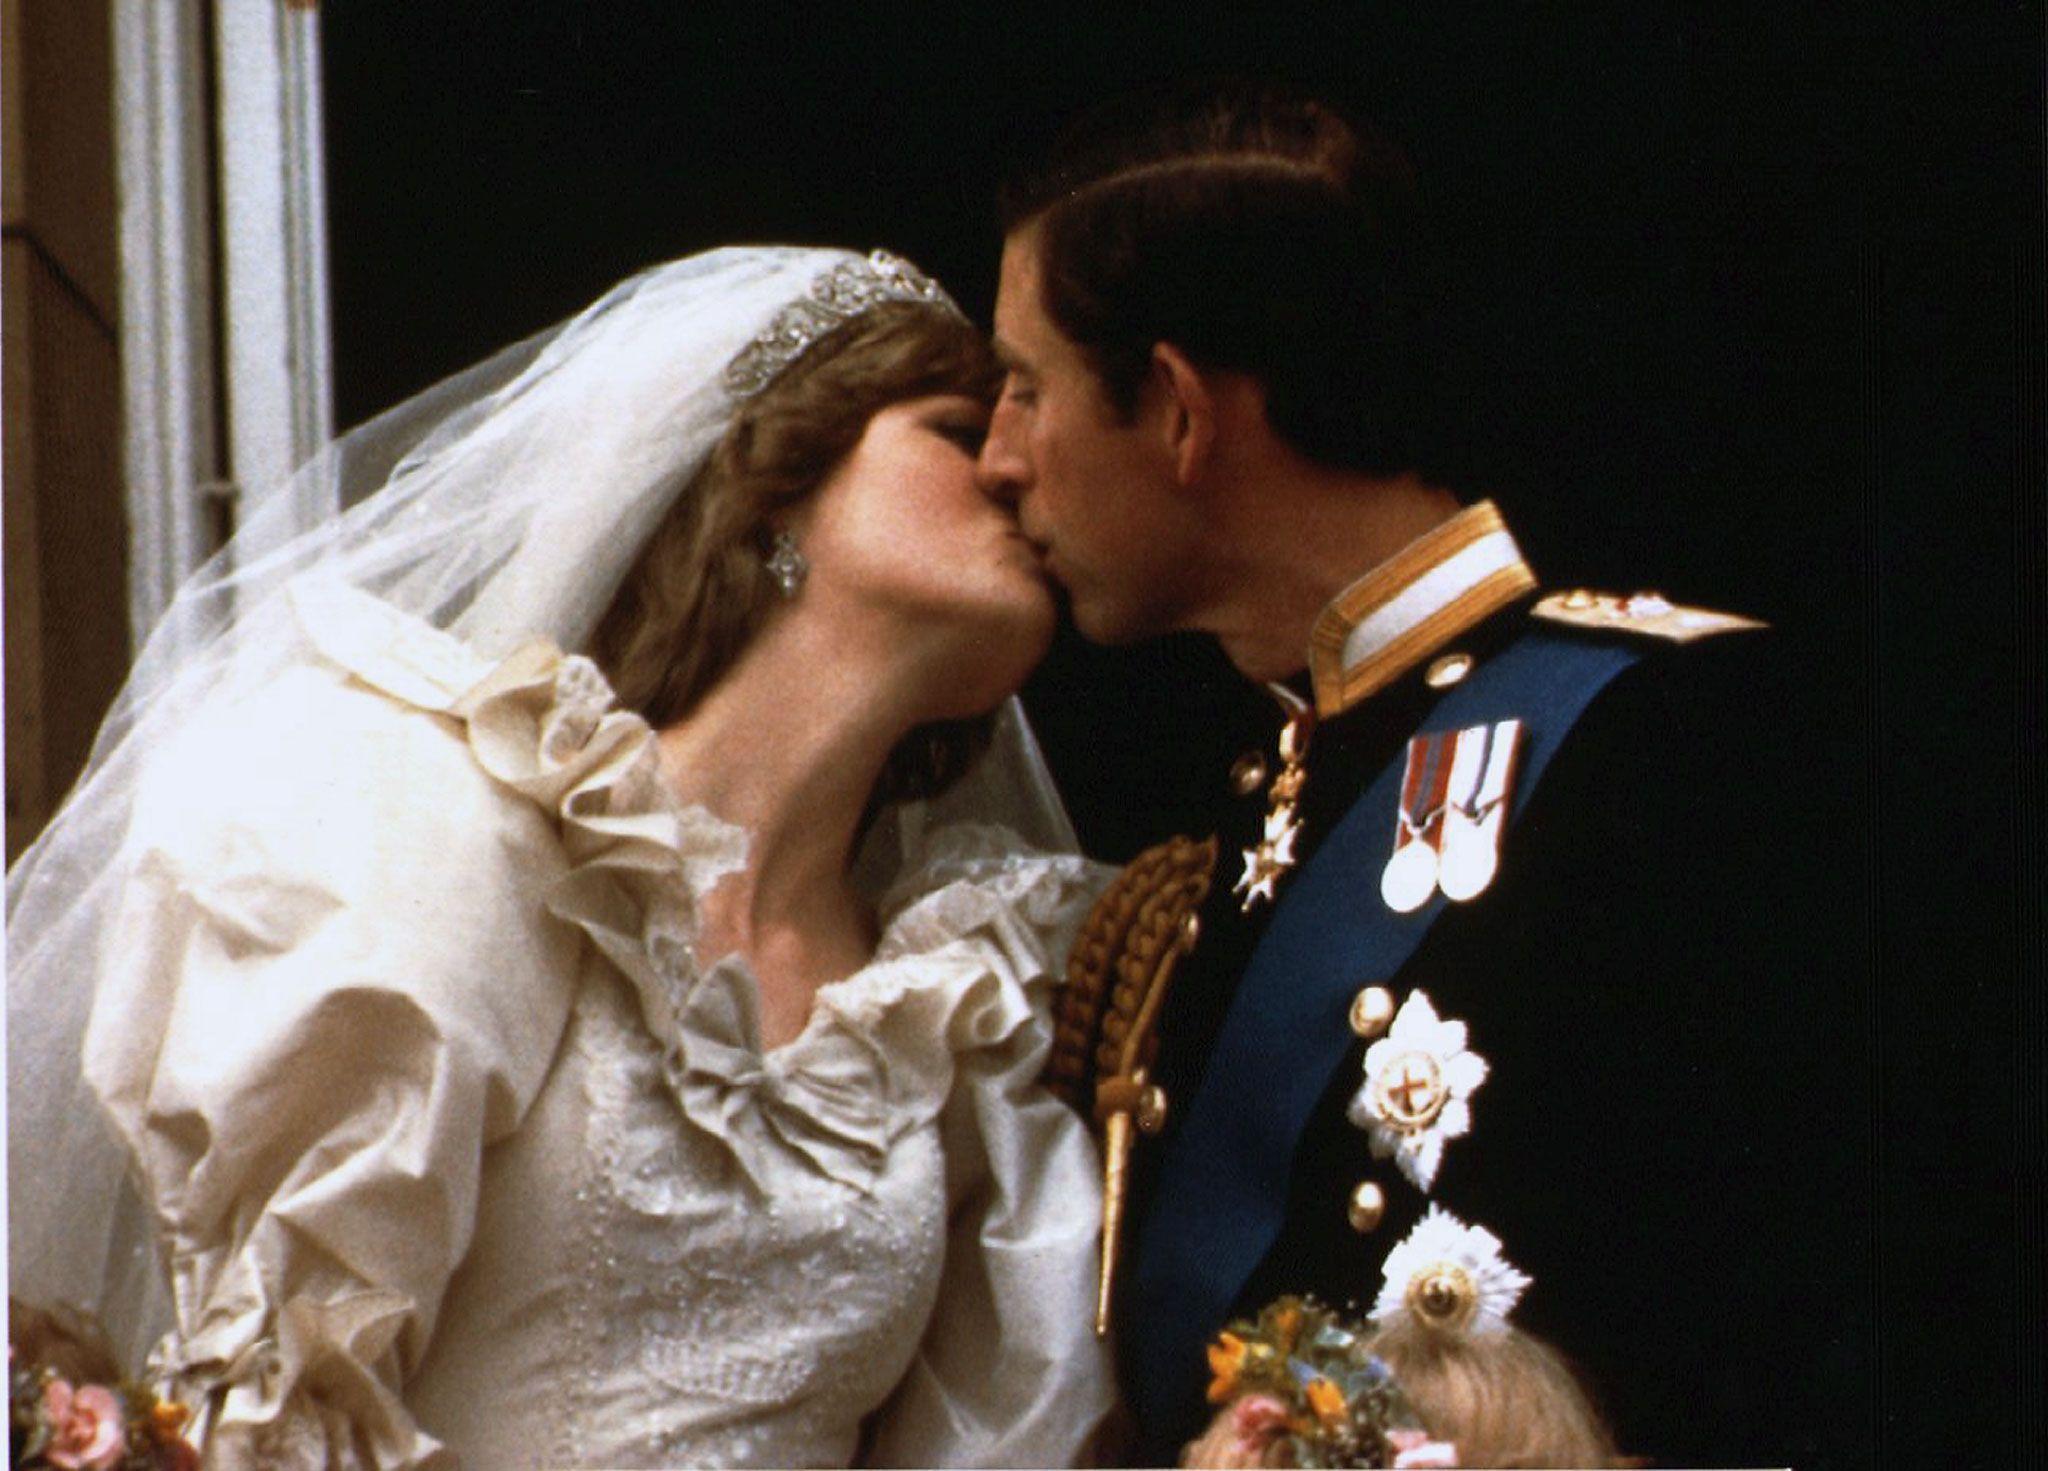 4 - Remembering Princess Diana